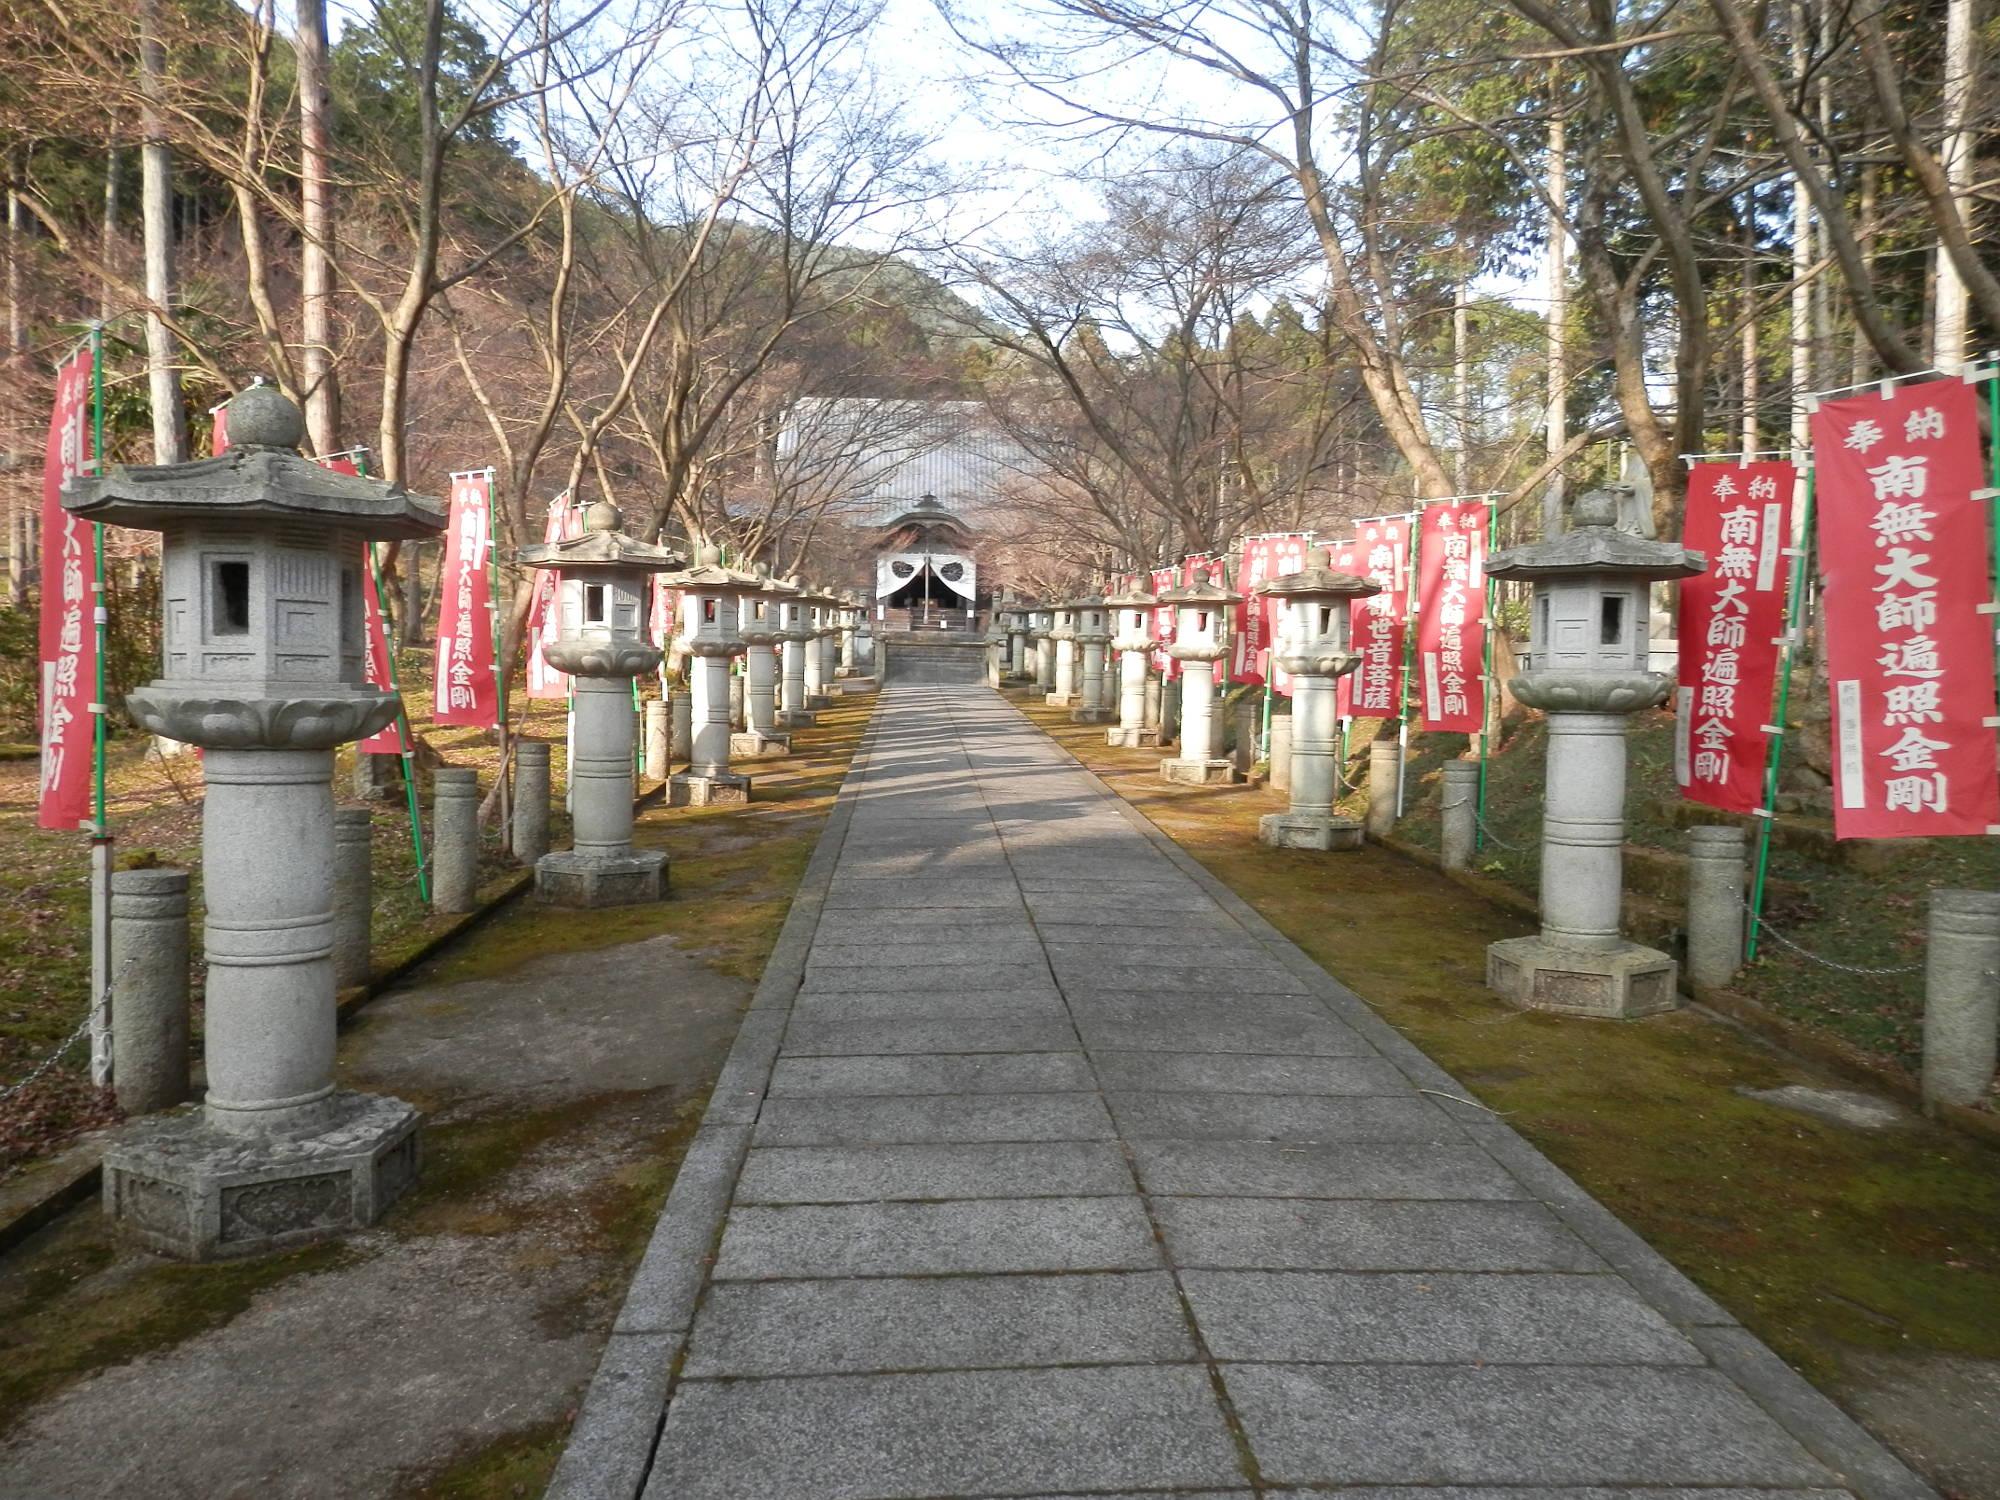 高山寺 本堂前の通り